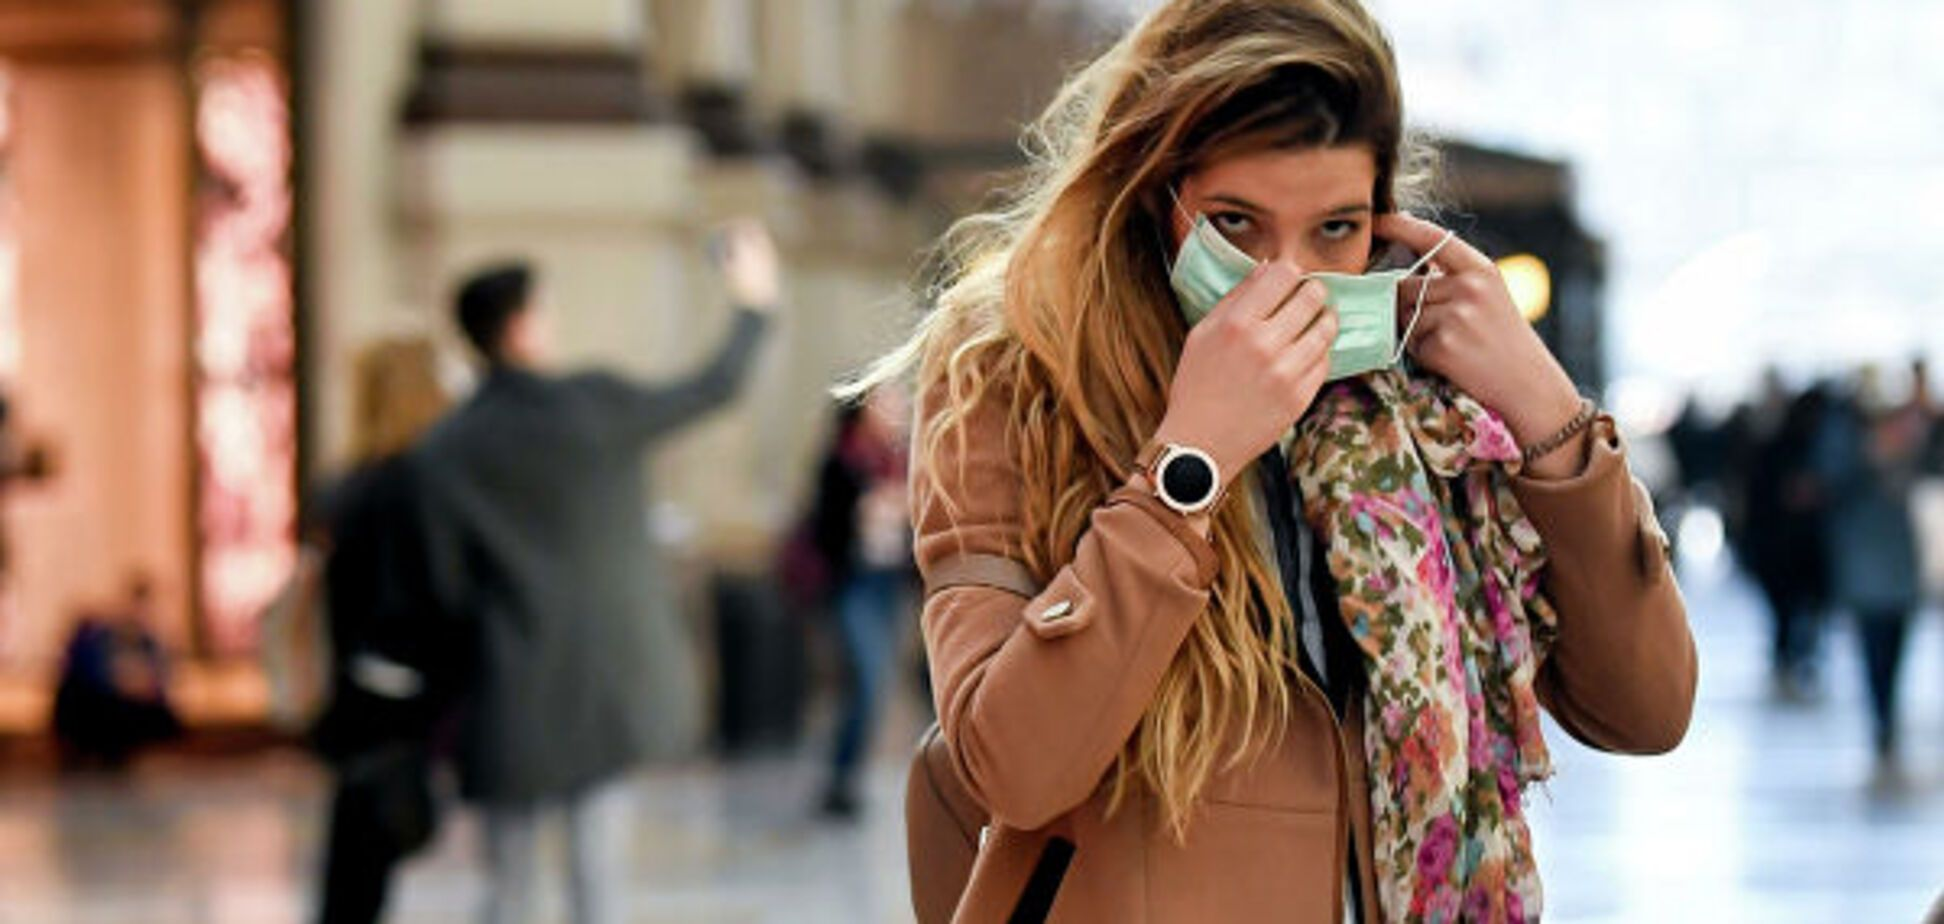 Експерти пояснили, як медична маска може захистити від коронавірусу